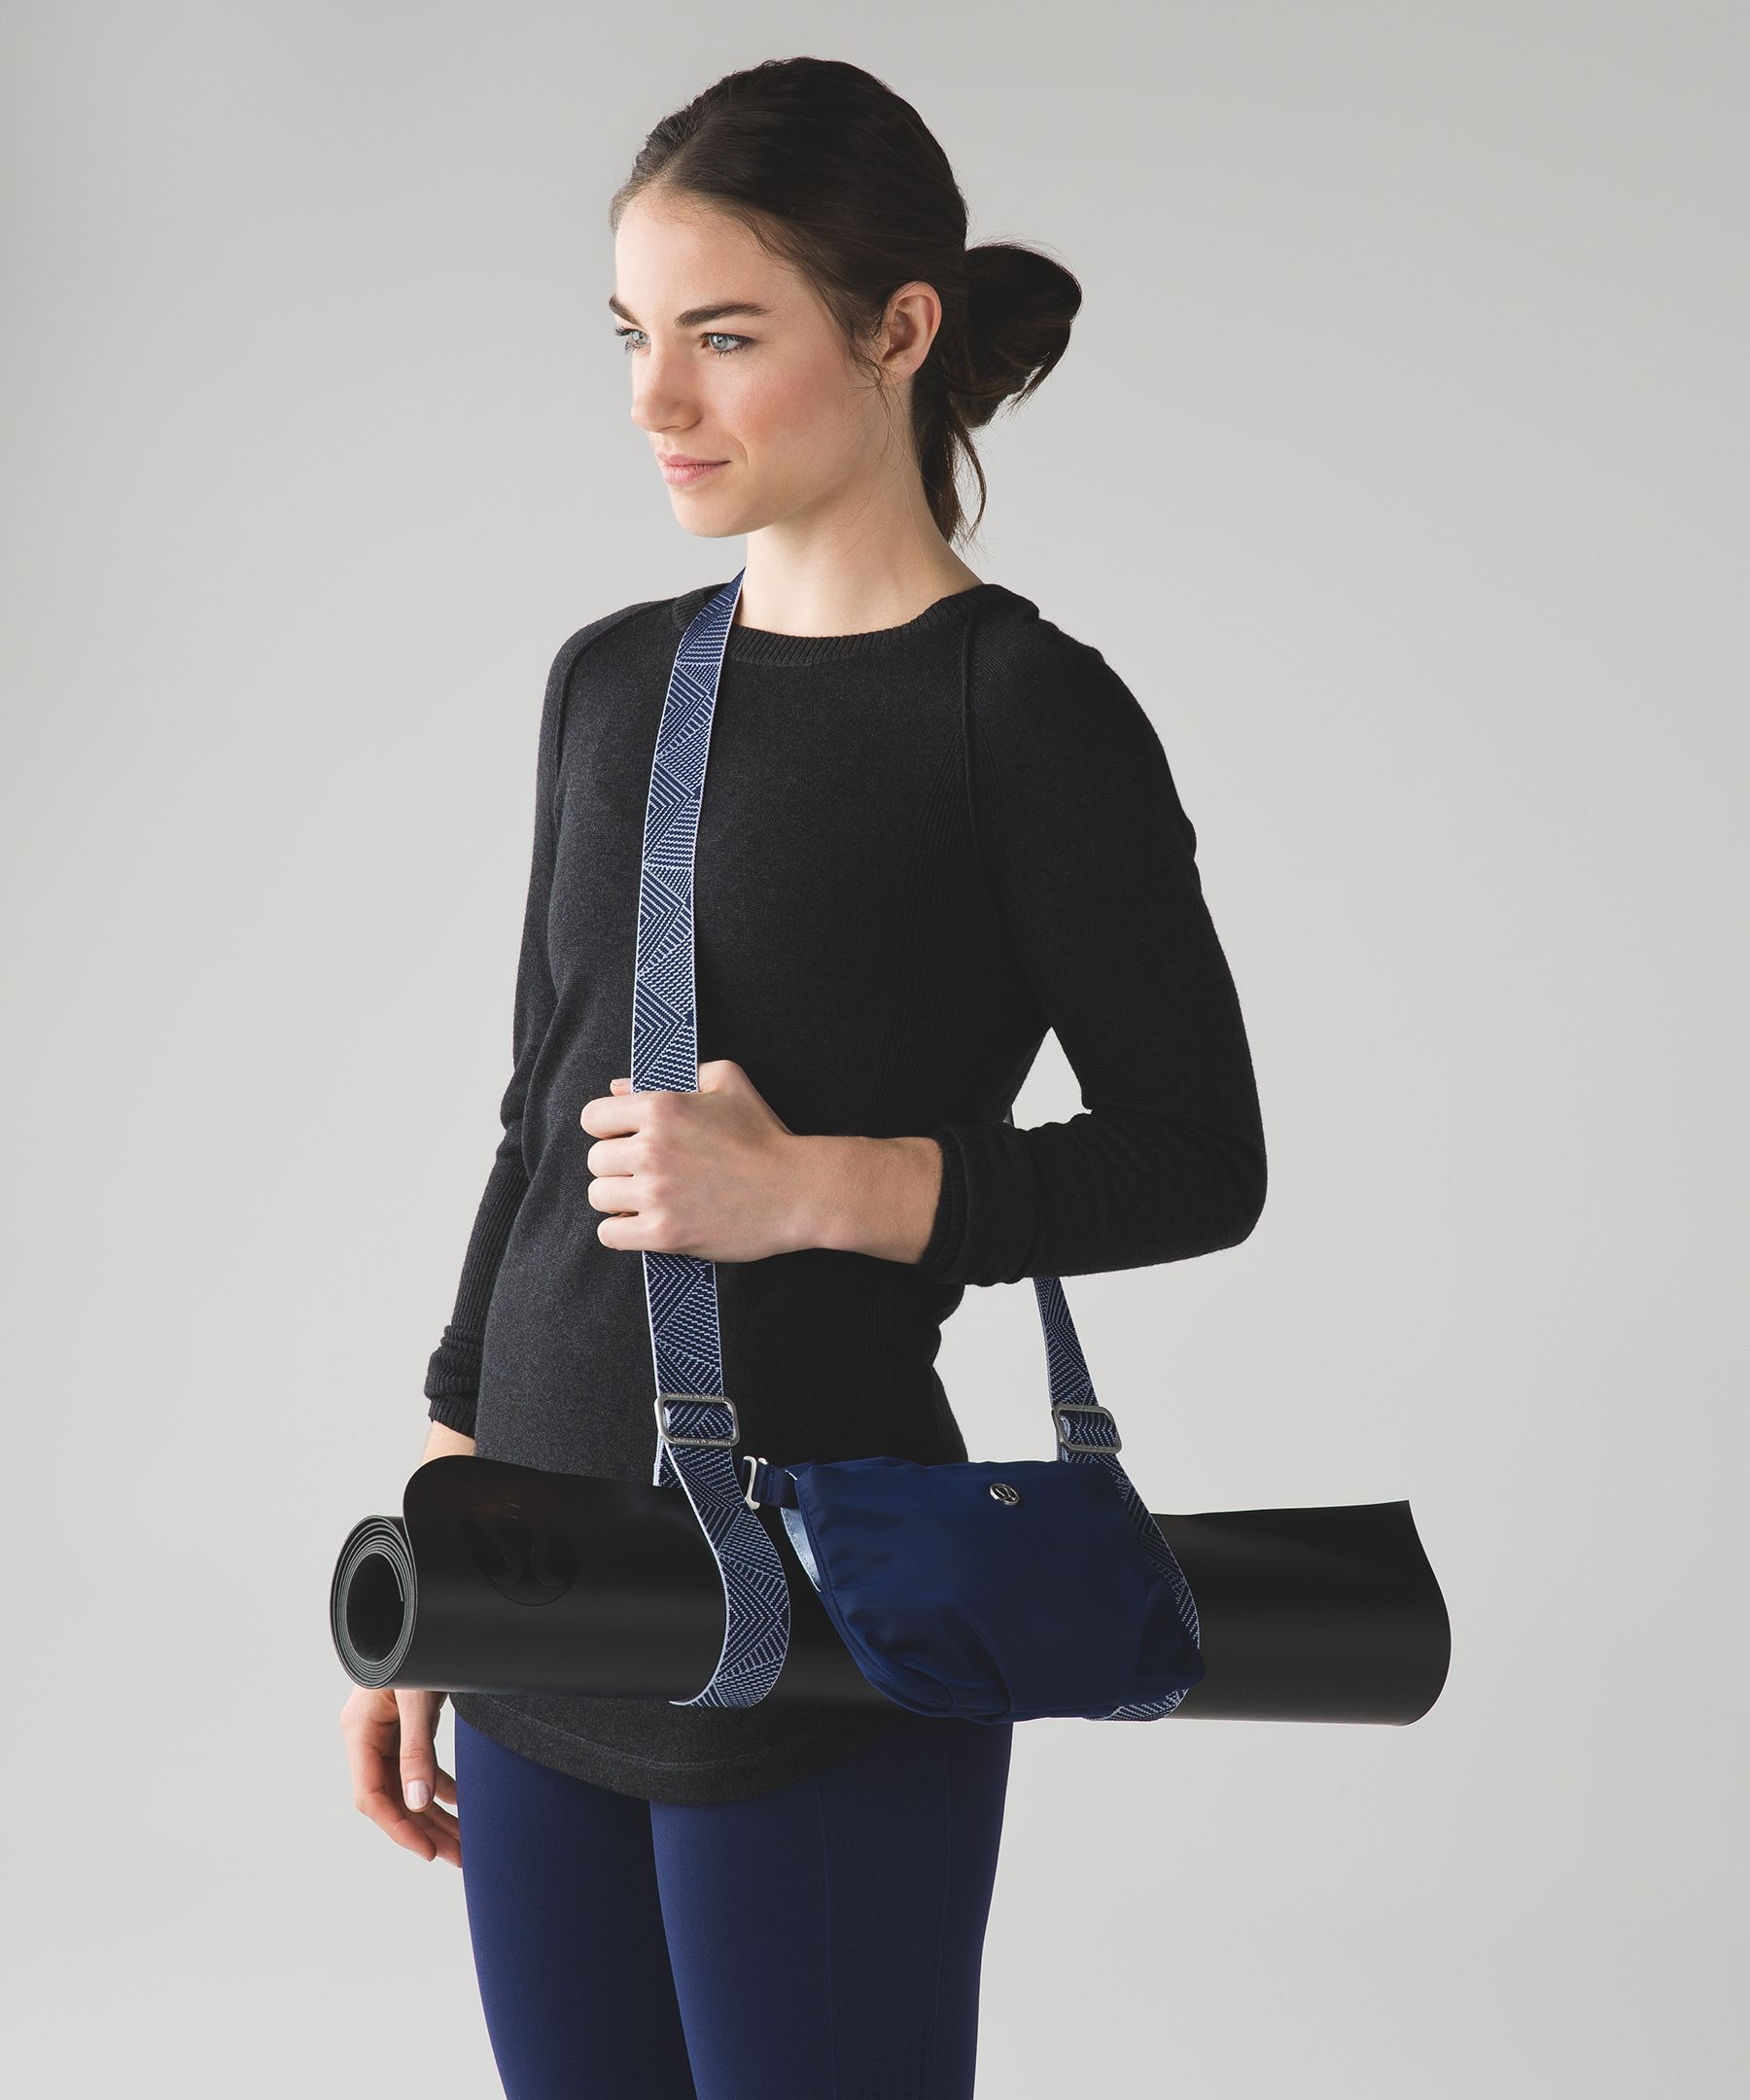 Essential Mat Carrier